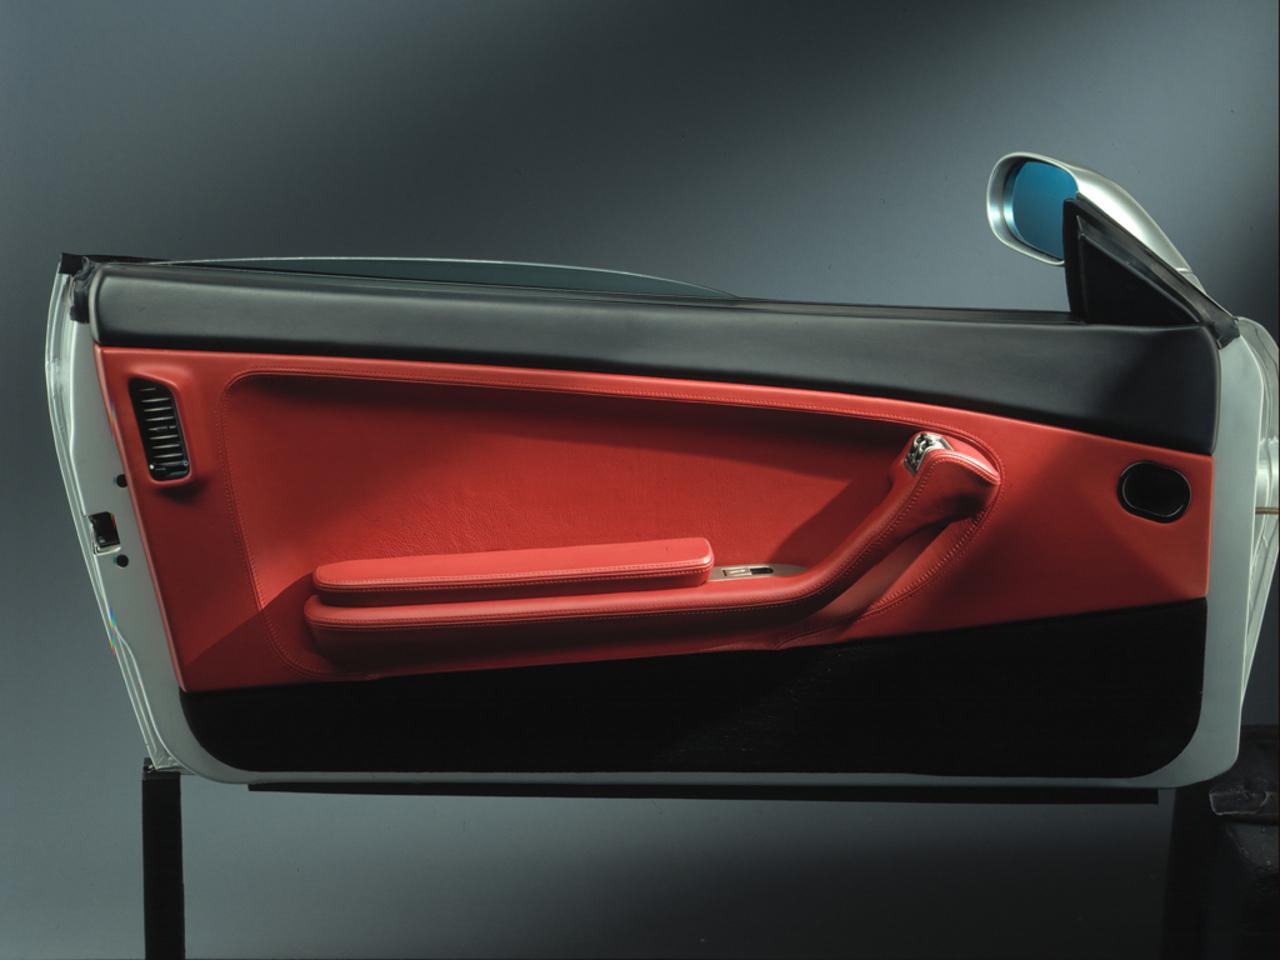 456 GTA: Visione dettaglio interni portiera